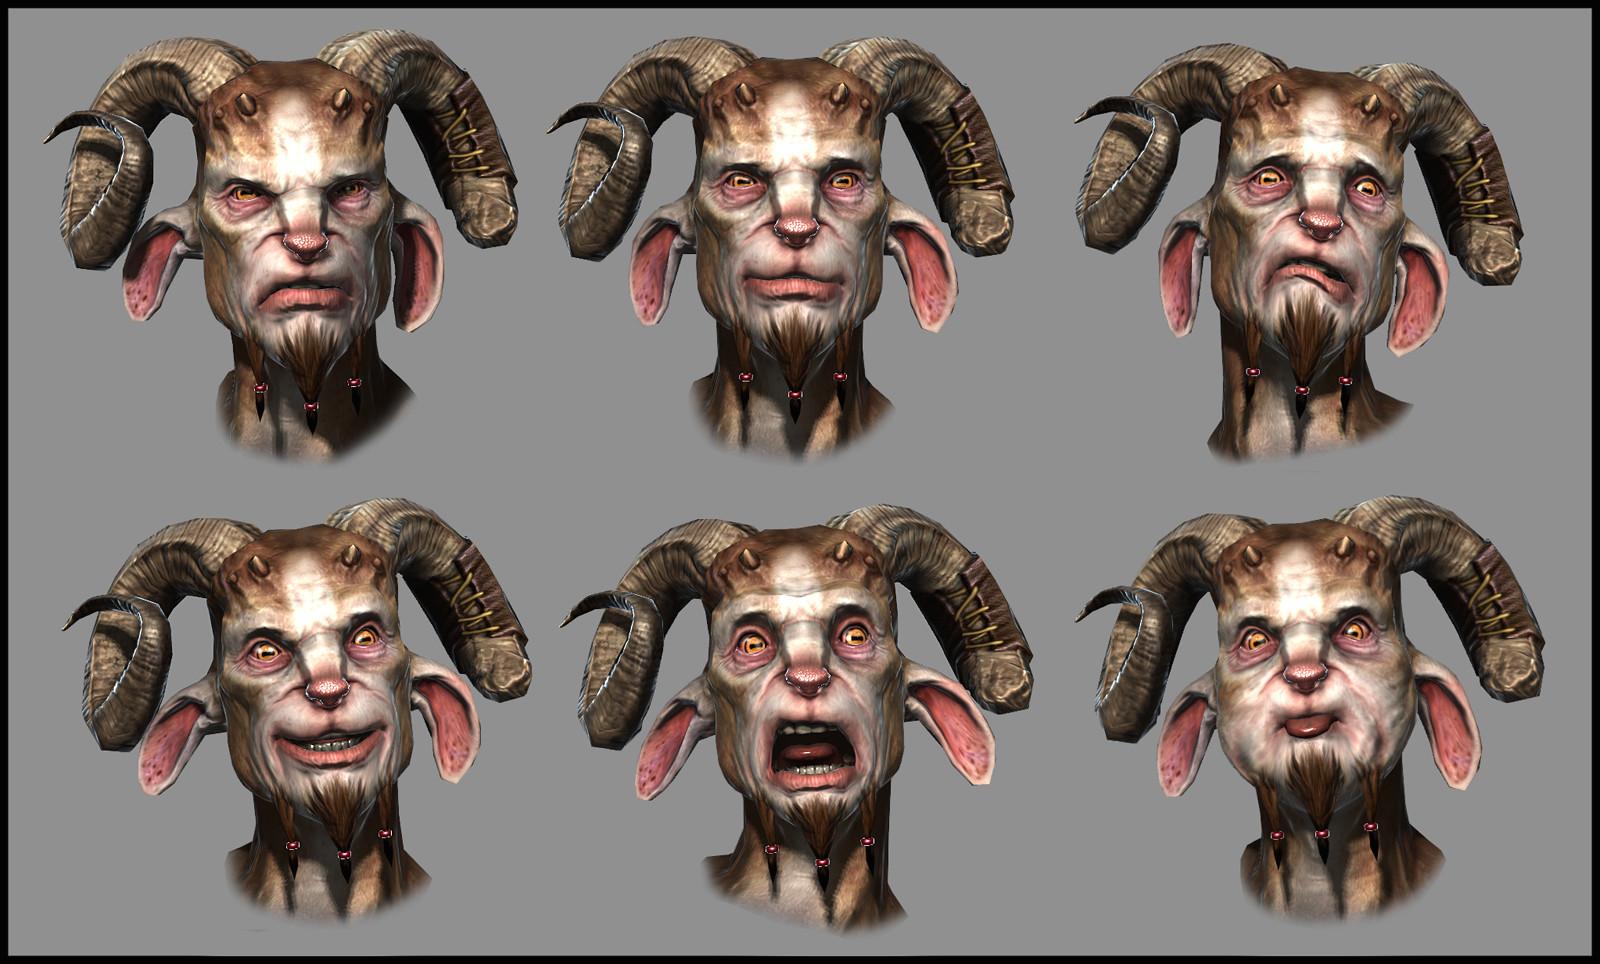 Sam chester samchester goat morphs